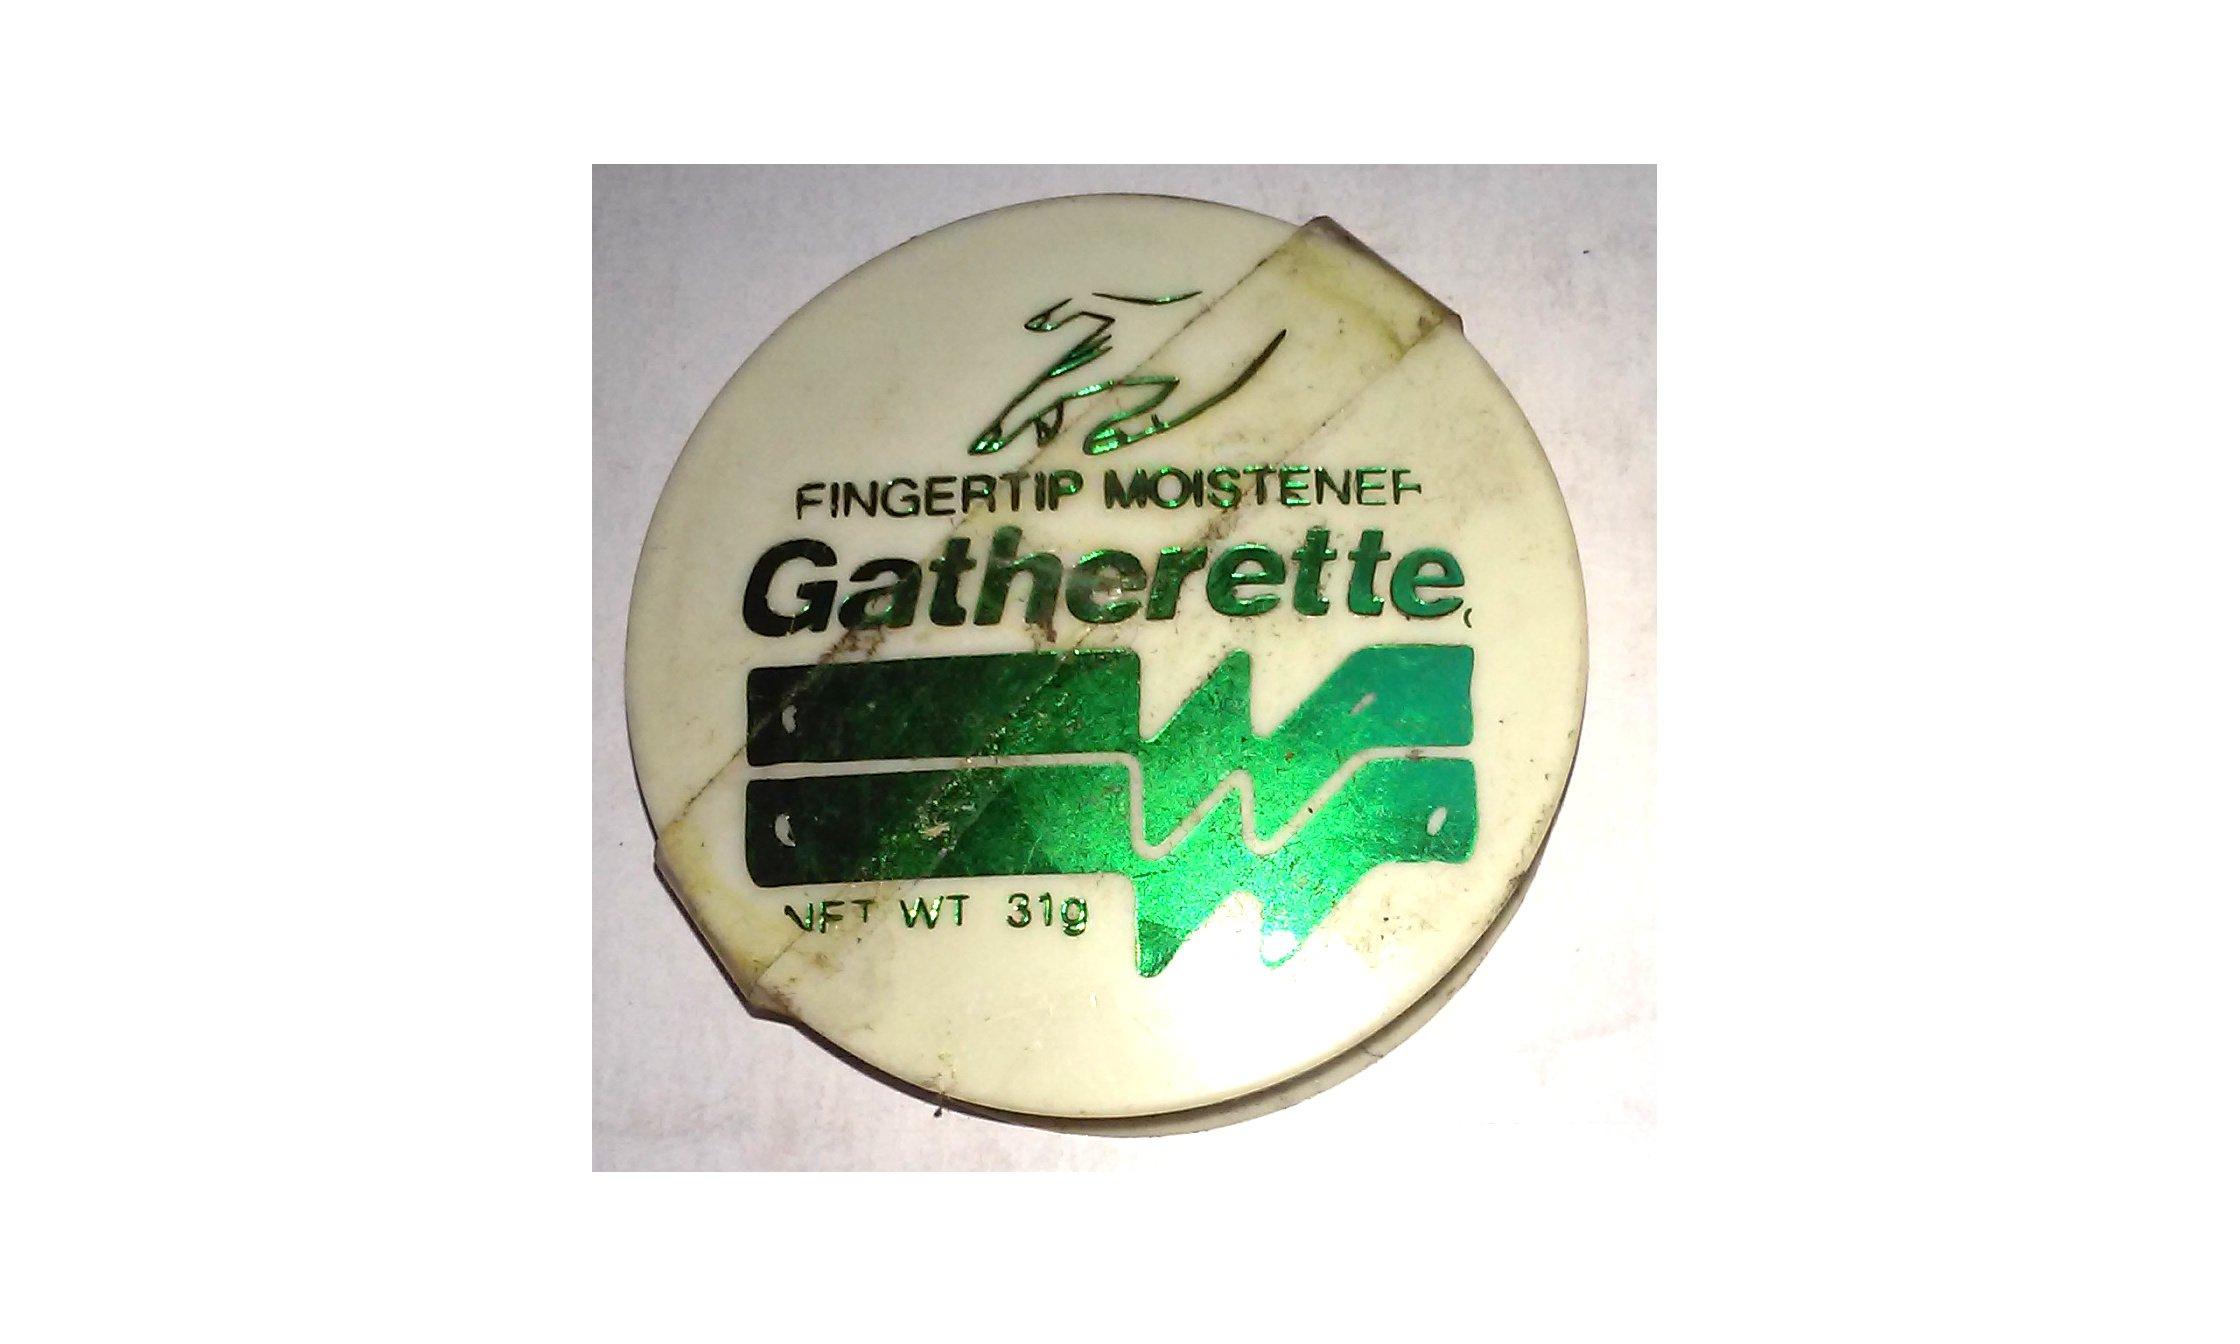 Gatherette Fingertip Moistener